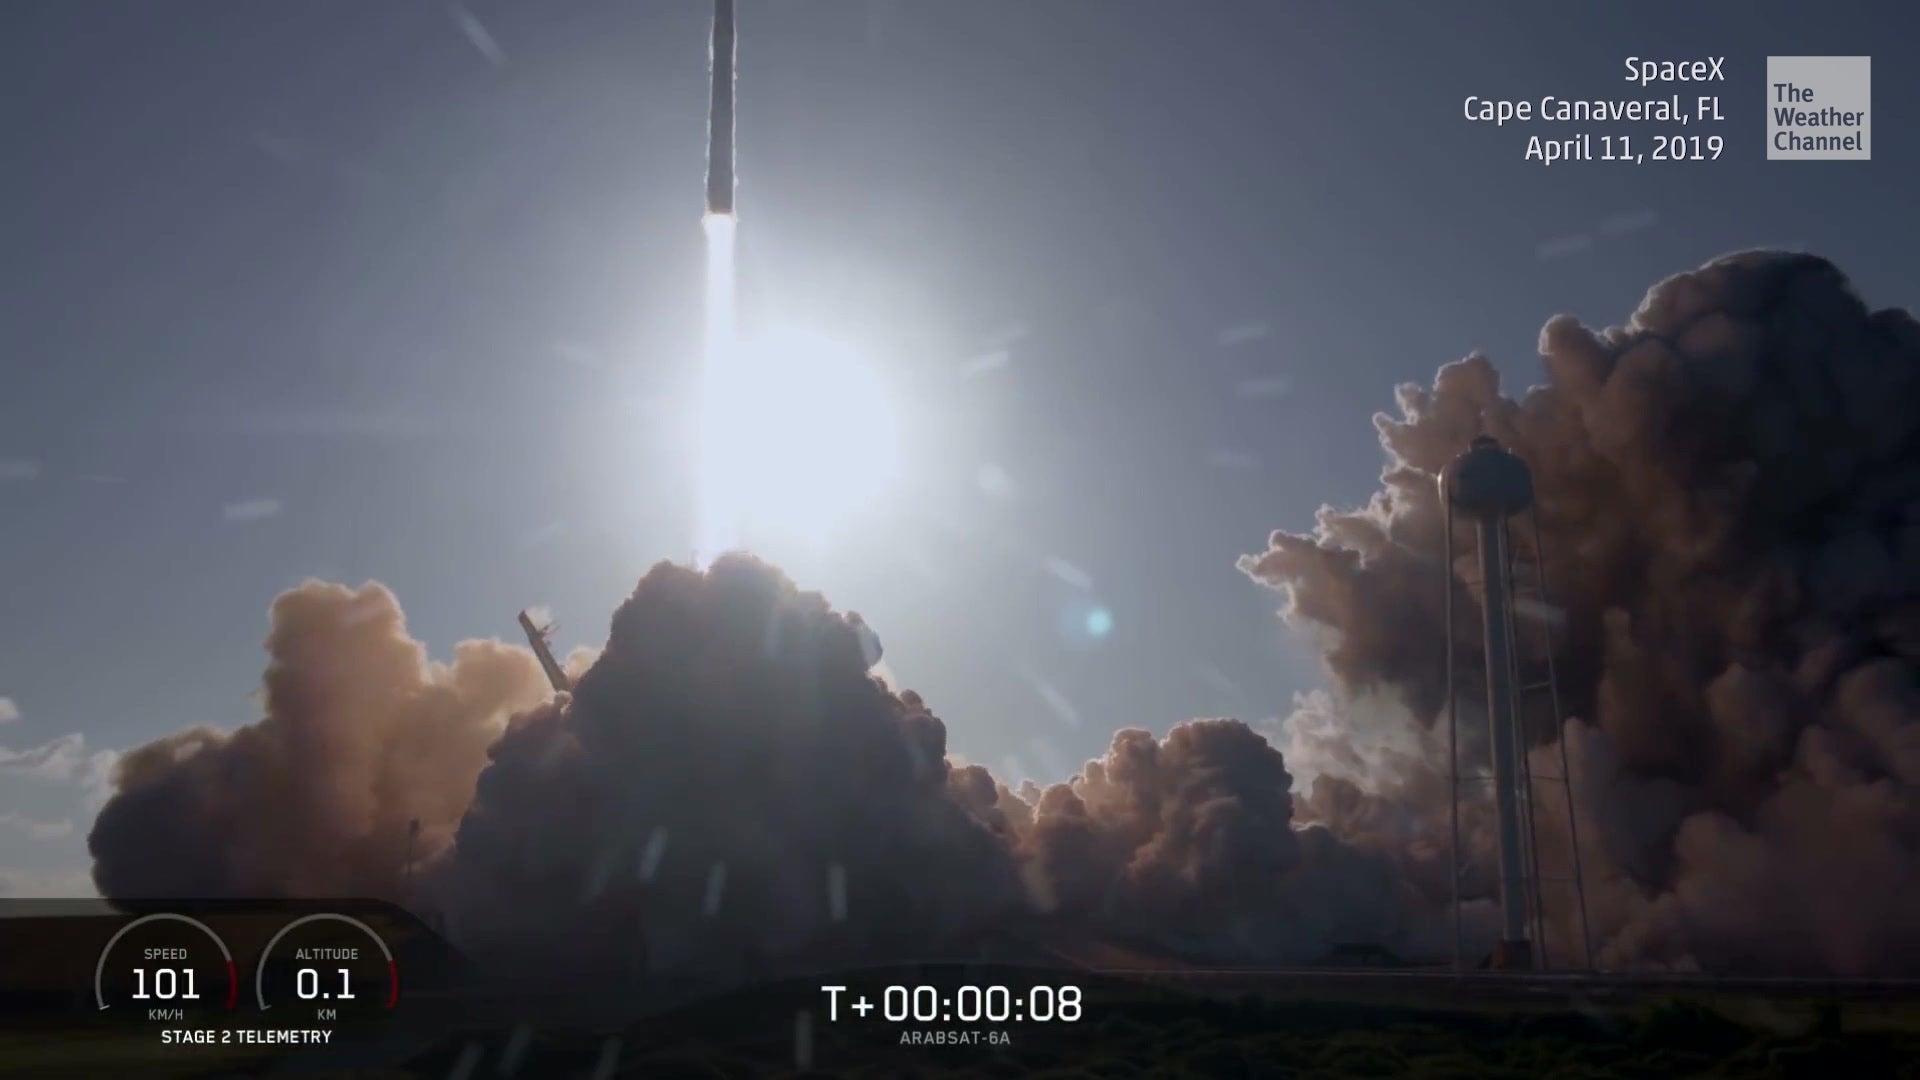 Riesenrakete auf dem Weg ins All: Bilder des Starts der Falcon Heavy